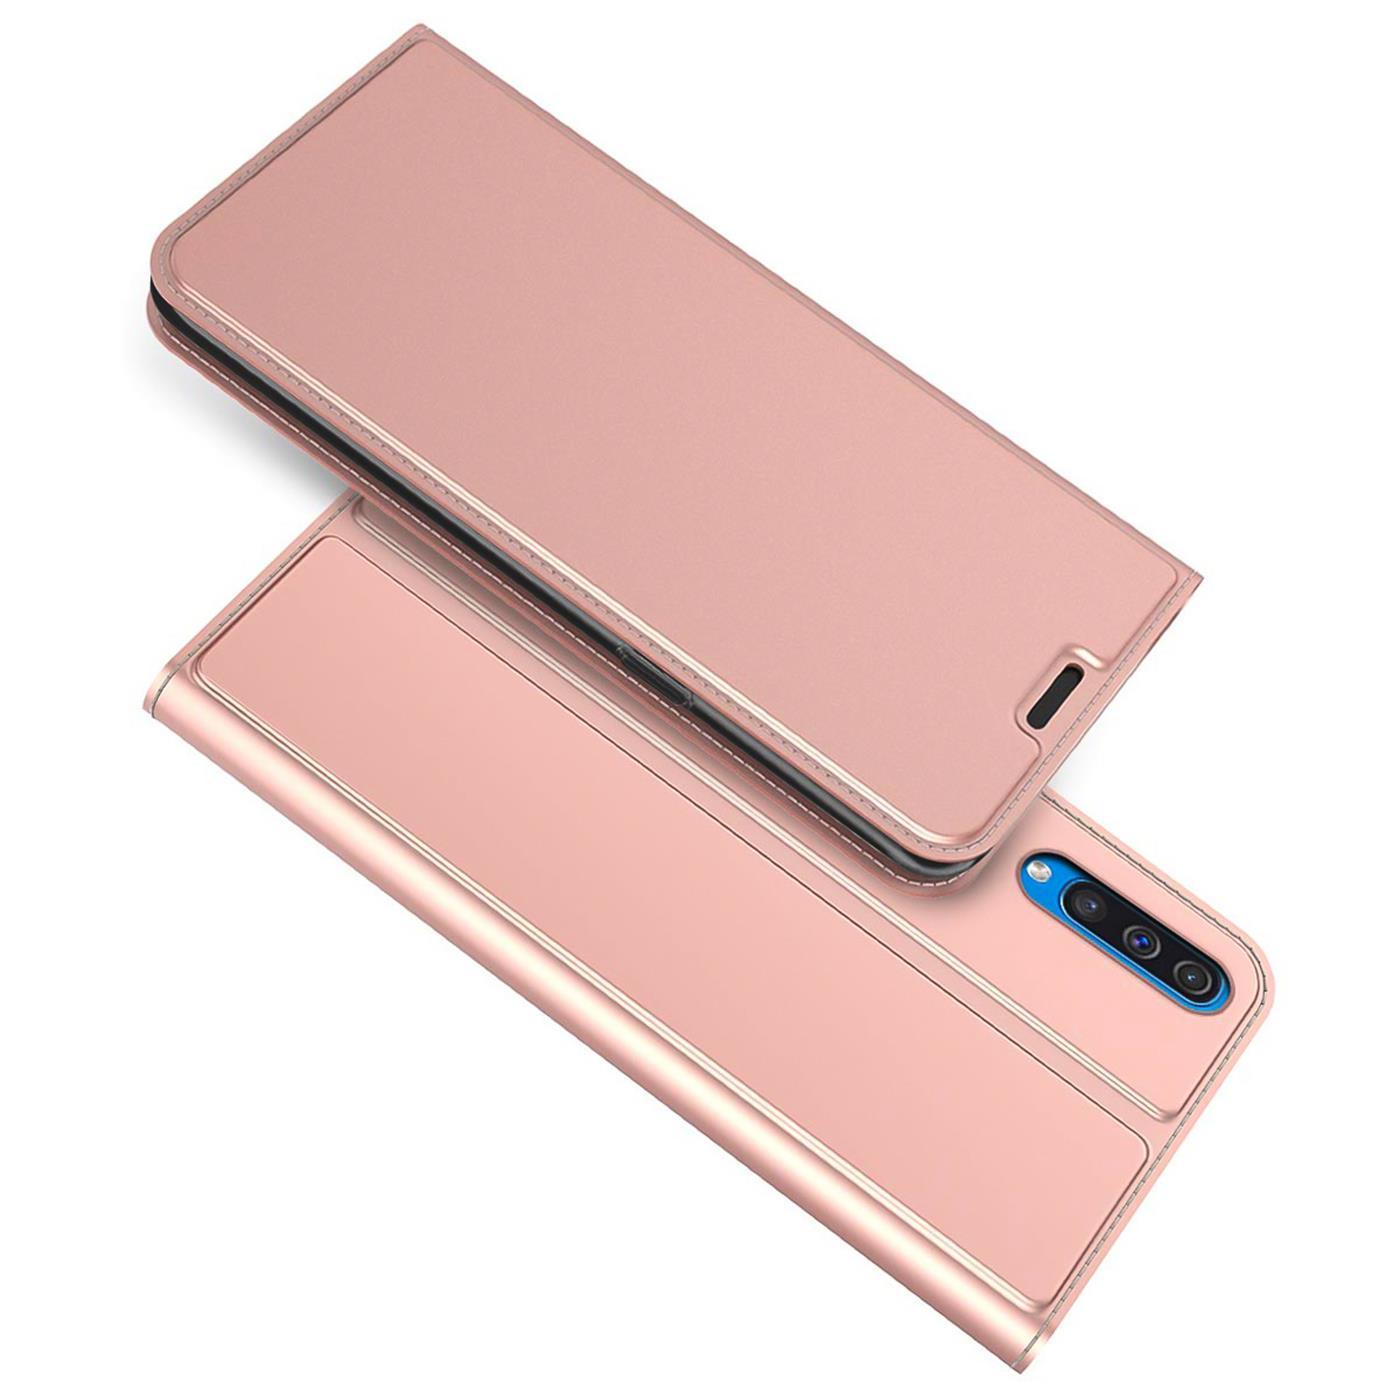 Samsung-Galaxy-A50-Handy-Klapp-Schutz-Huelle-Tasche-Flip-Case-Etui-Schutzhuelle Indexbild 17